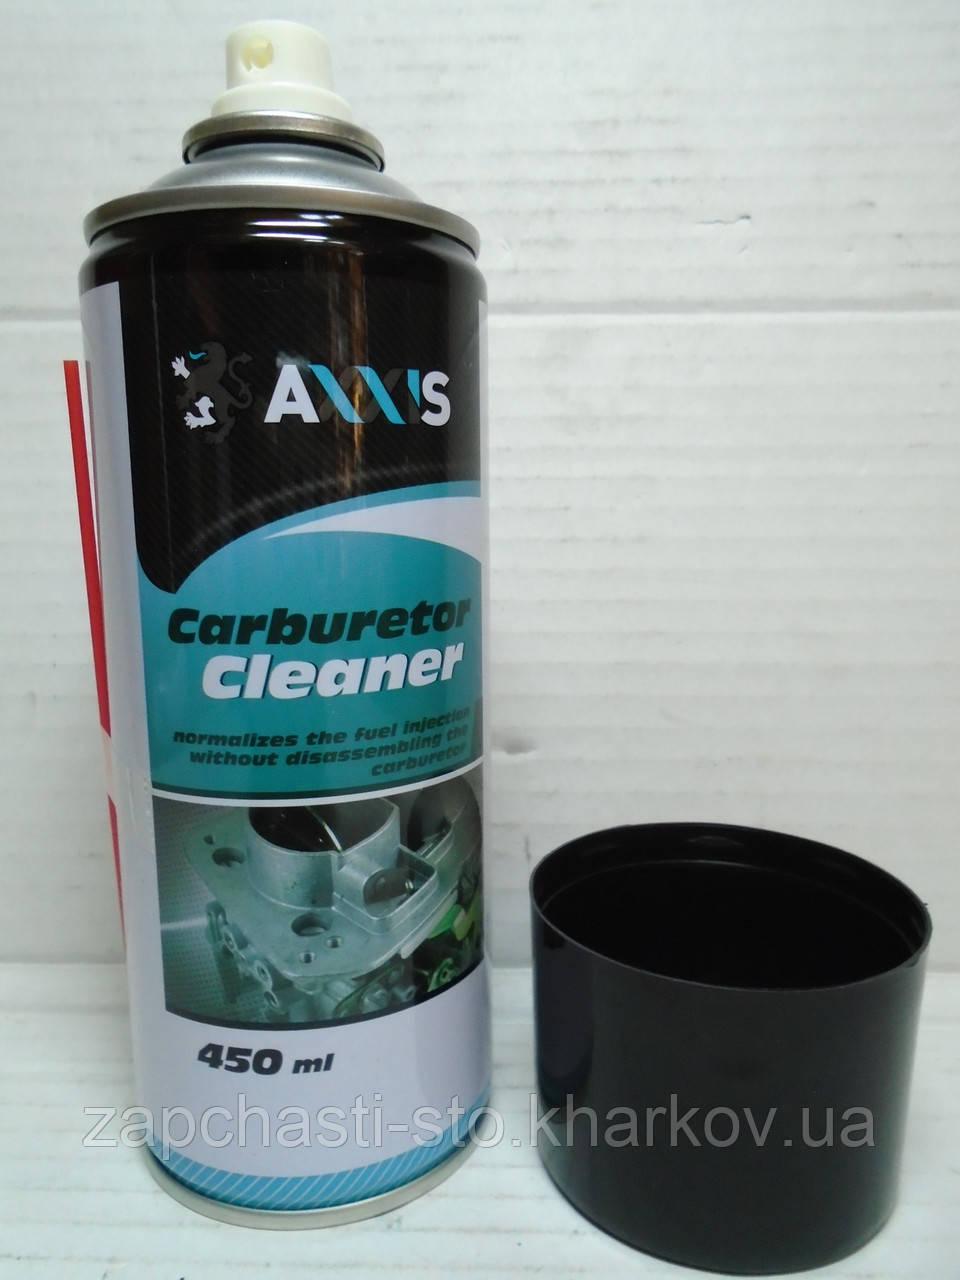 Очиститель карбюратора, дроссельной заслонки Axxis 450мл